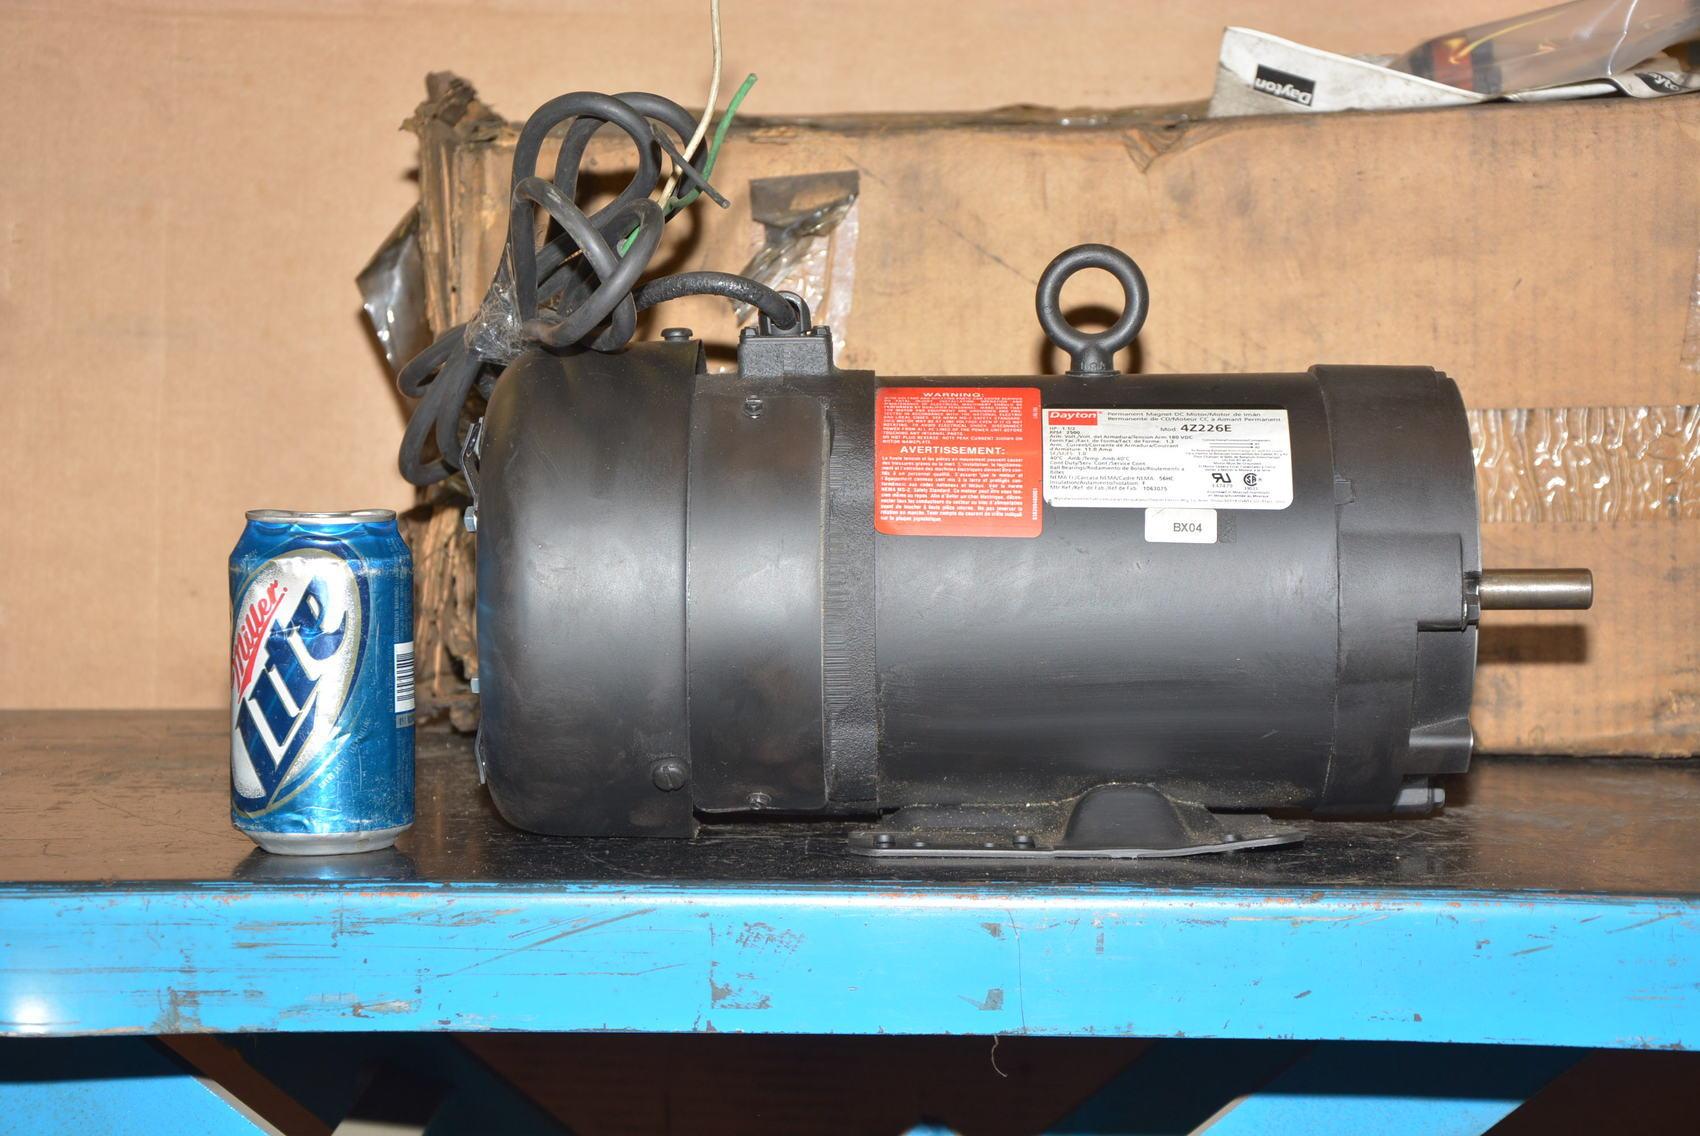 Dsc 0013 Jpg Of New Dayton 4z226e Permanent Magnet Dc